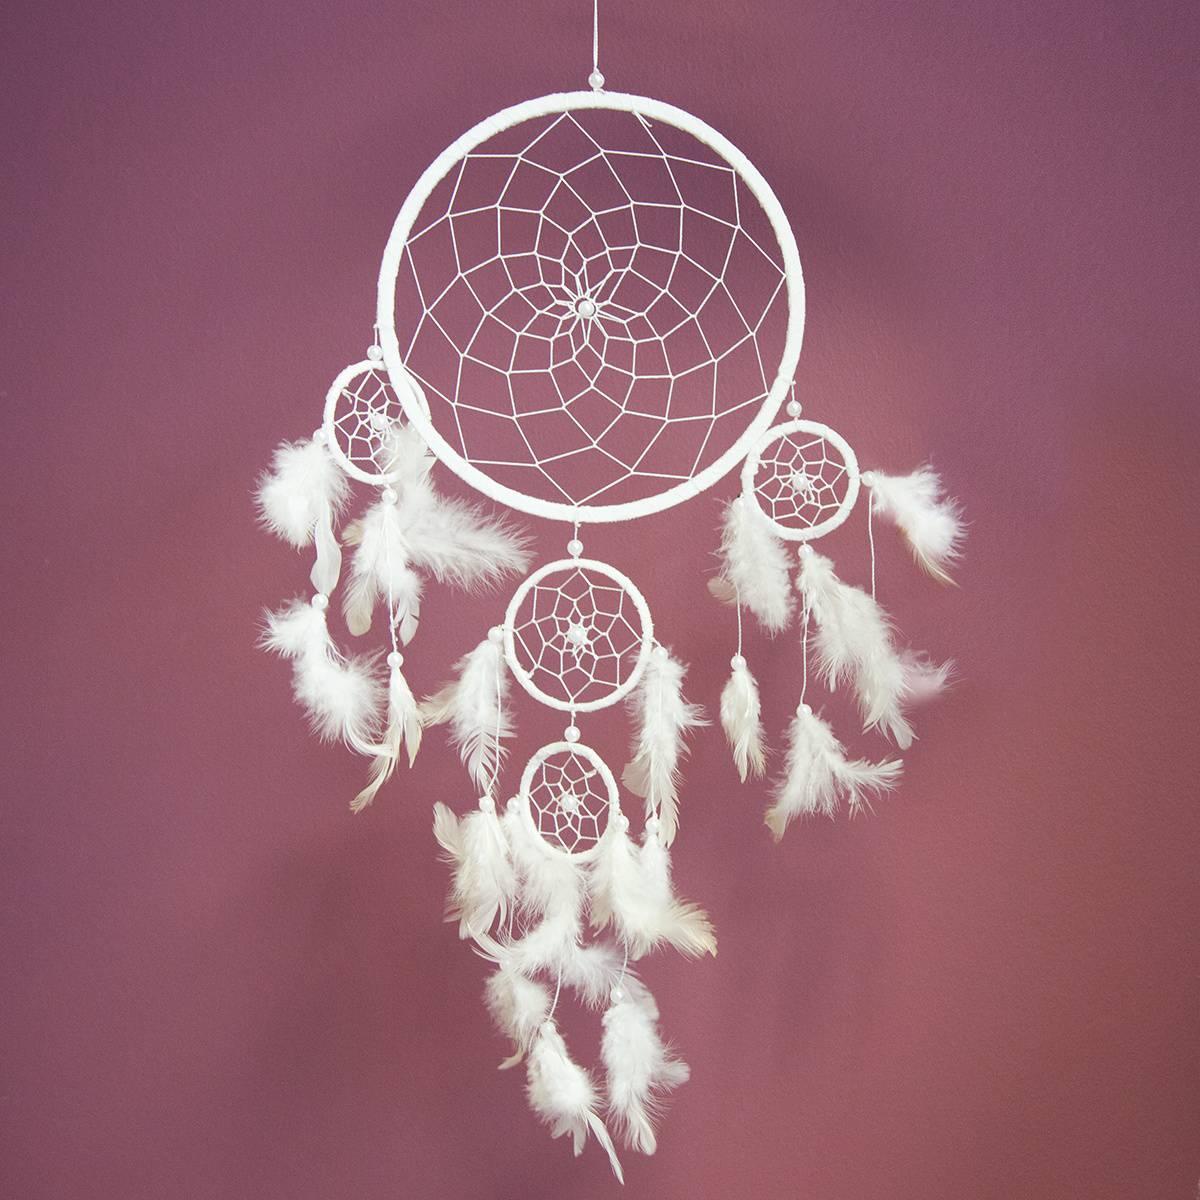 angelic dreamcatchers